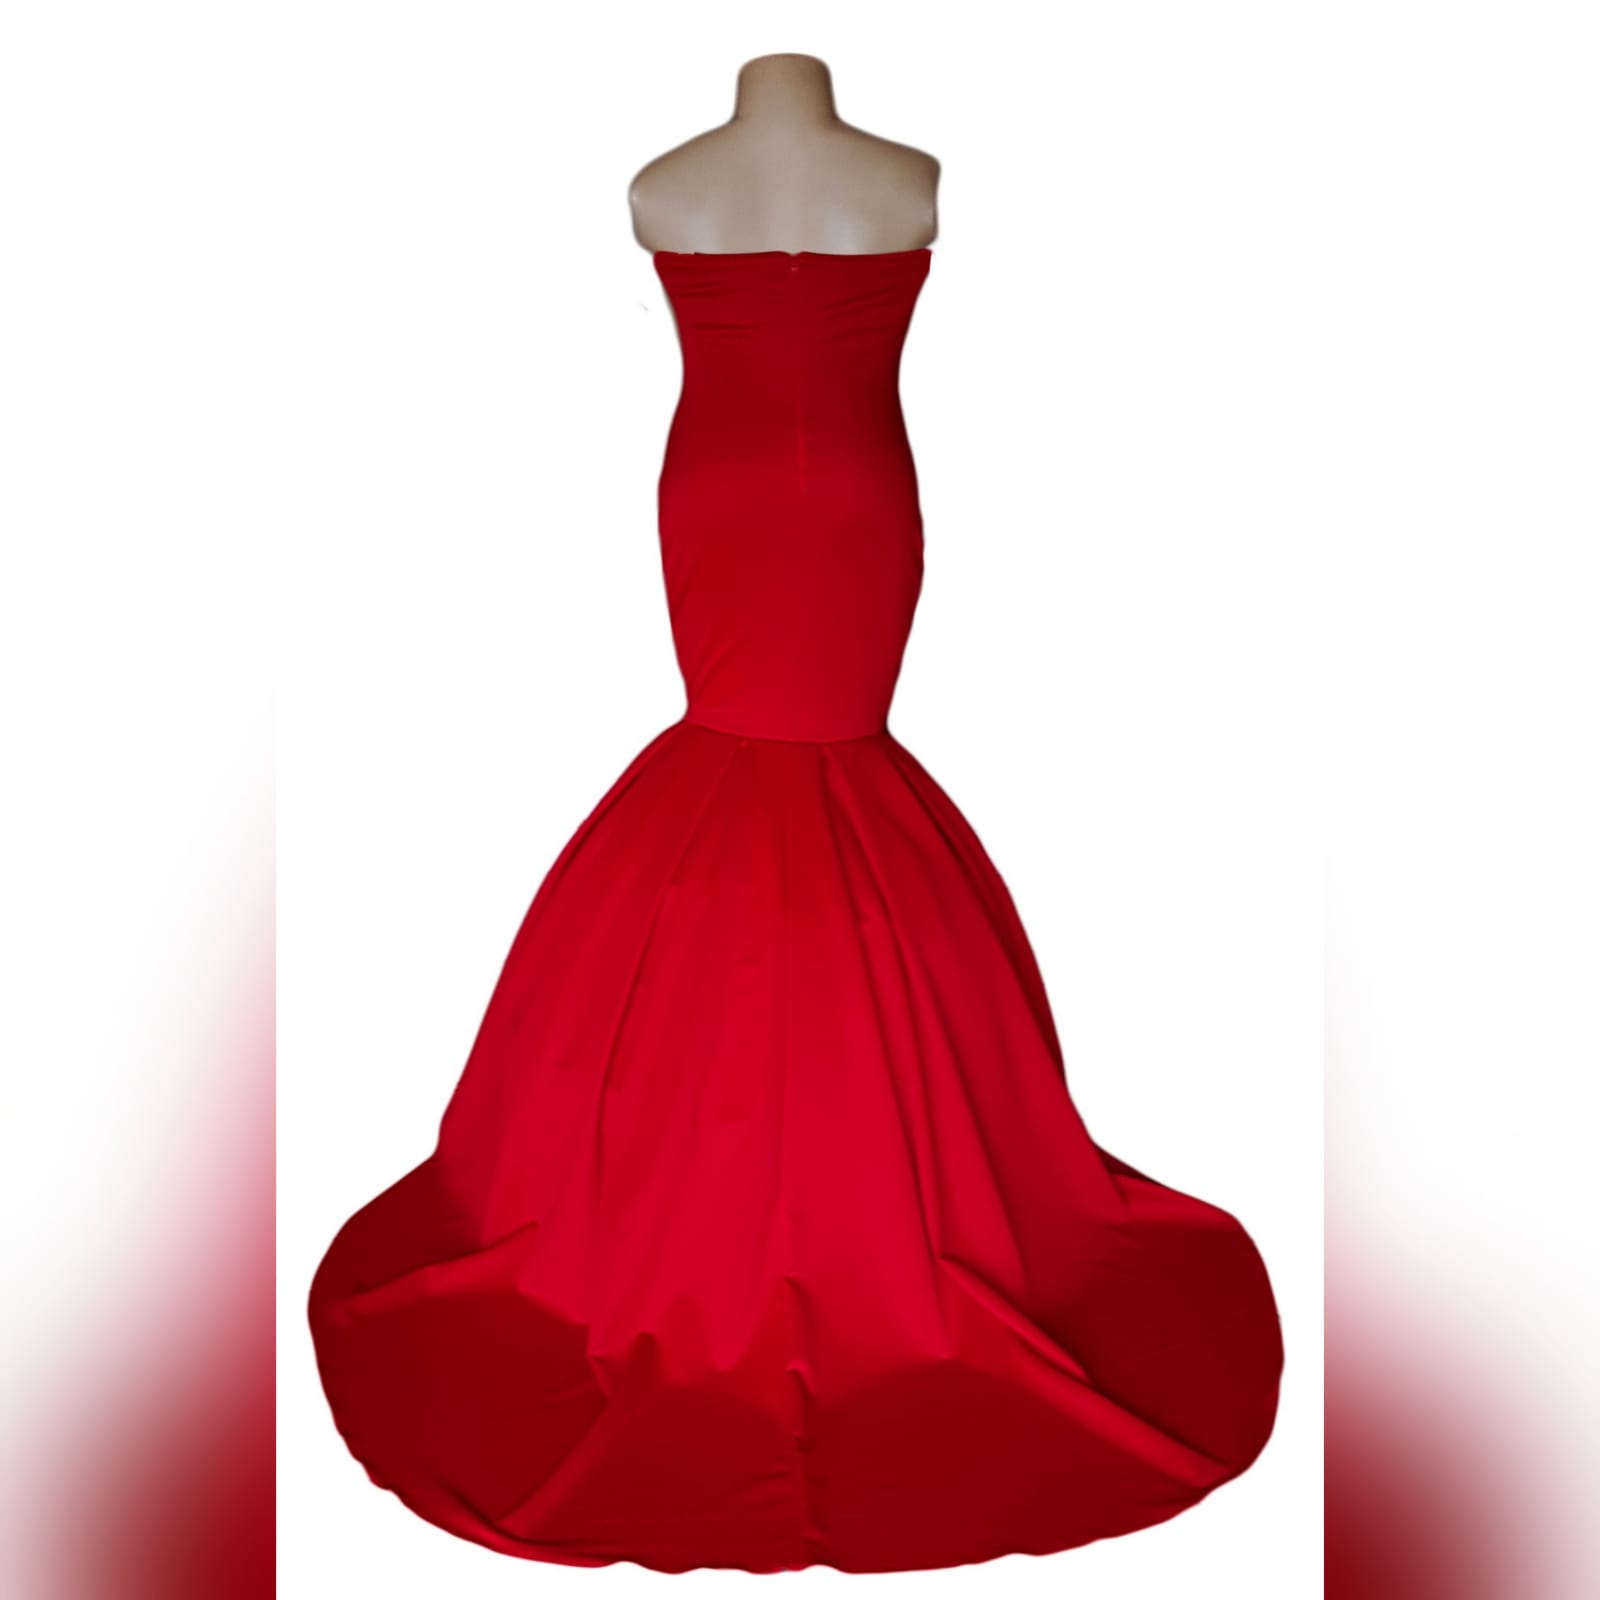 Vestido caicai sereia vermelho de finalistas 6 vestido caicai sereia vermelho de finalistas com um decote coração e fundo com volume e uma cauda